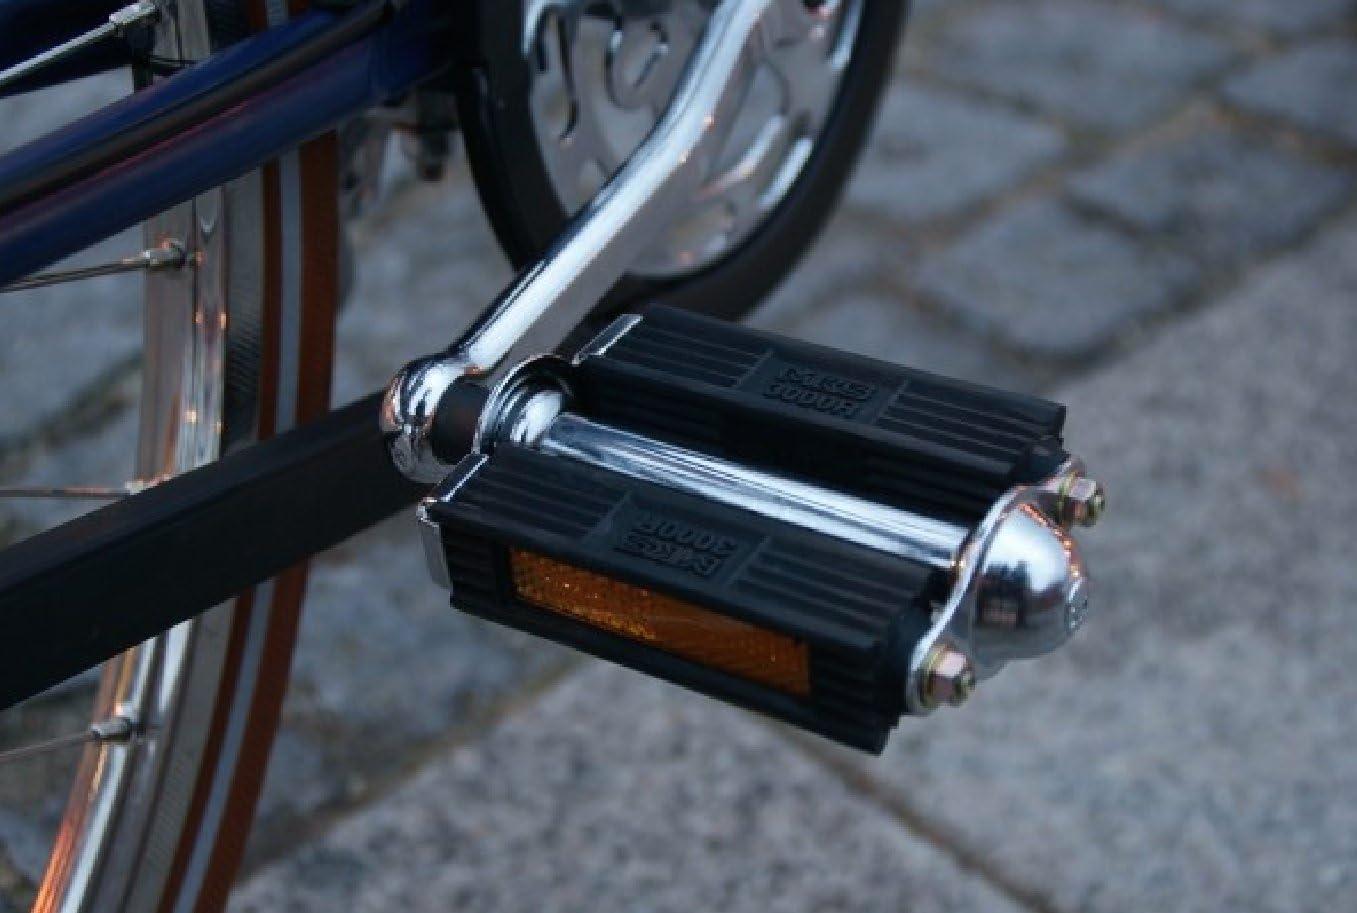 One Pair Noir Mks 3000R Road P/édales Mixte